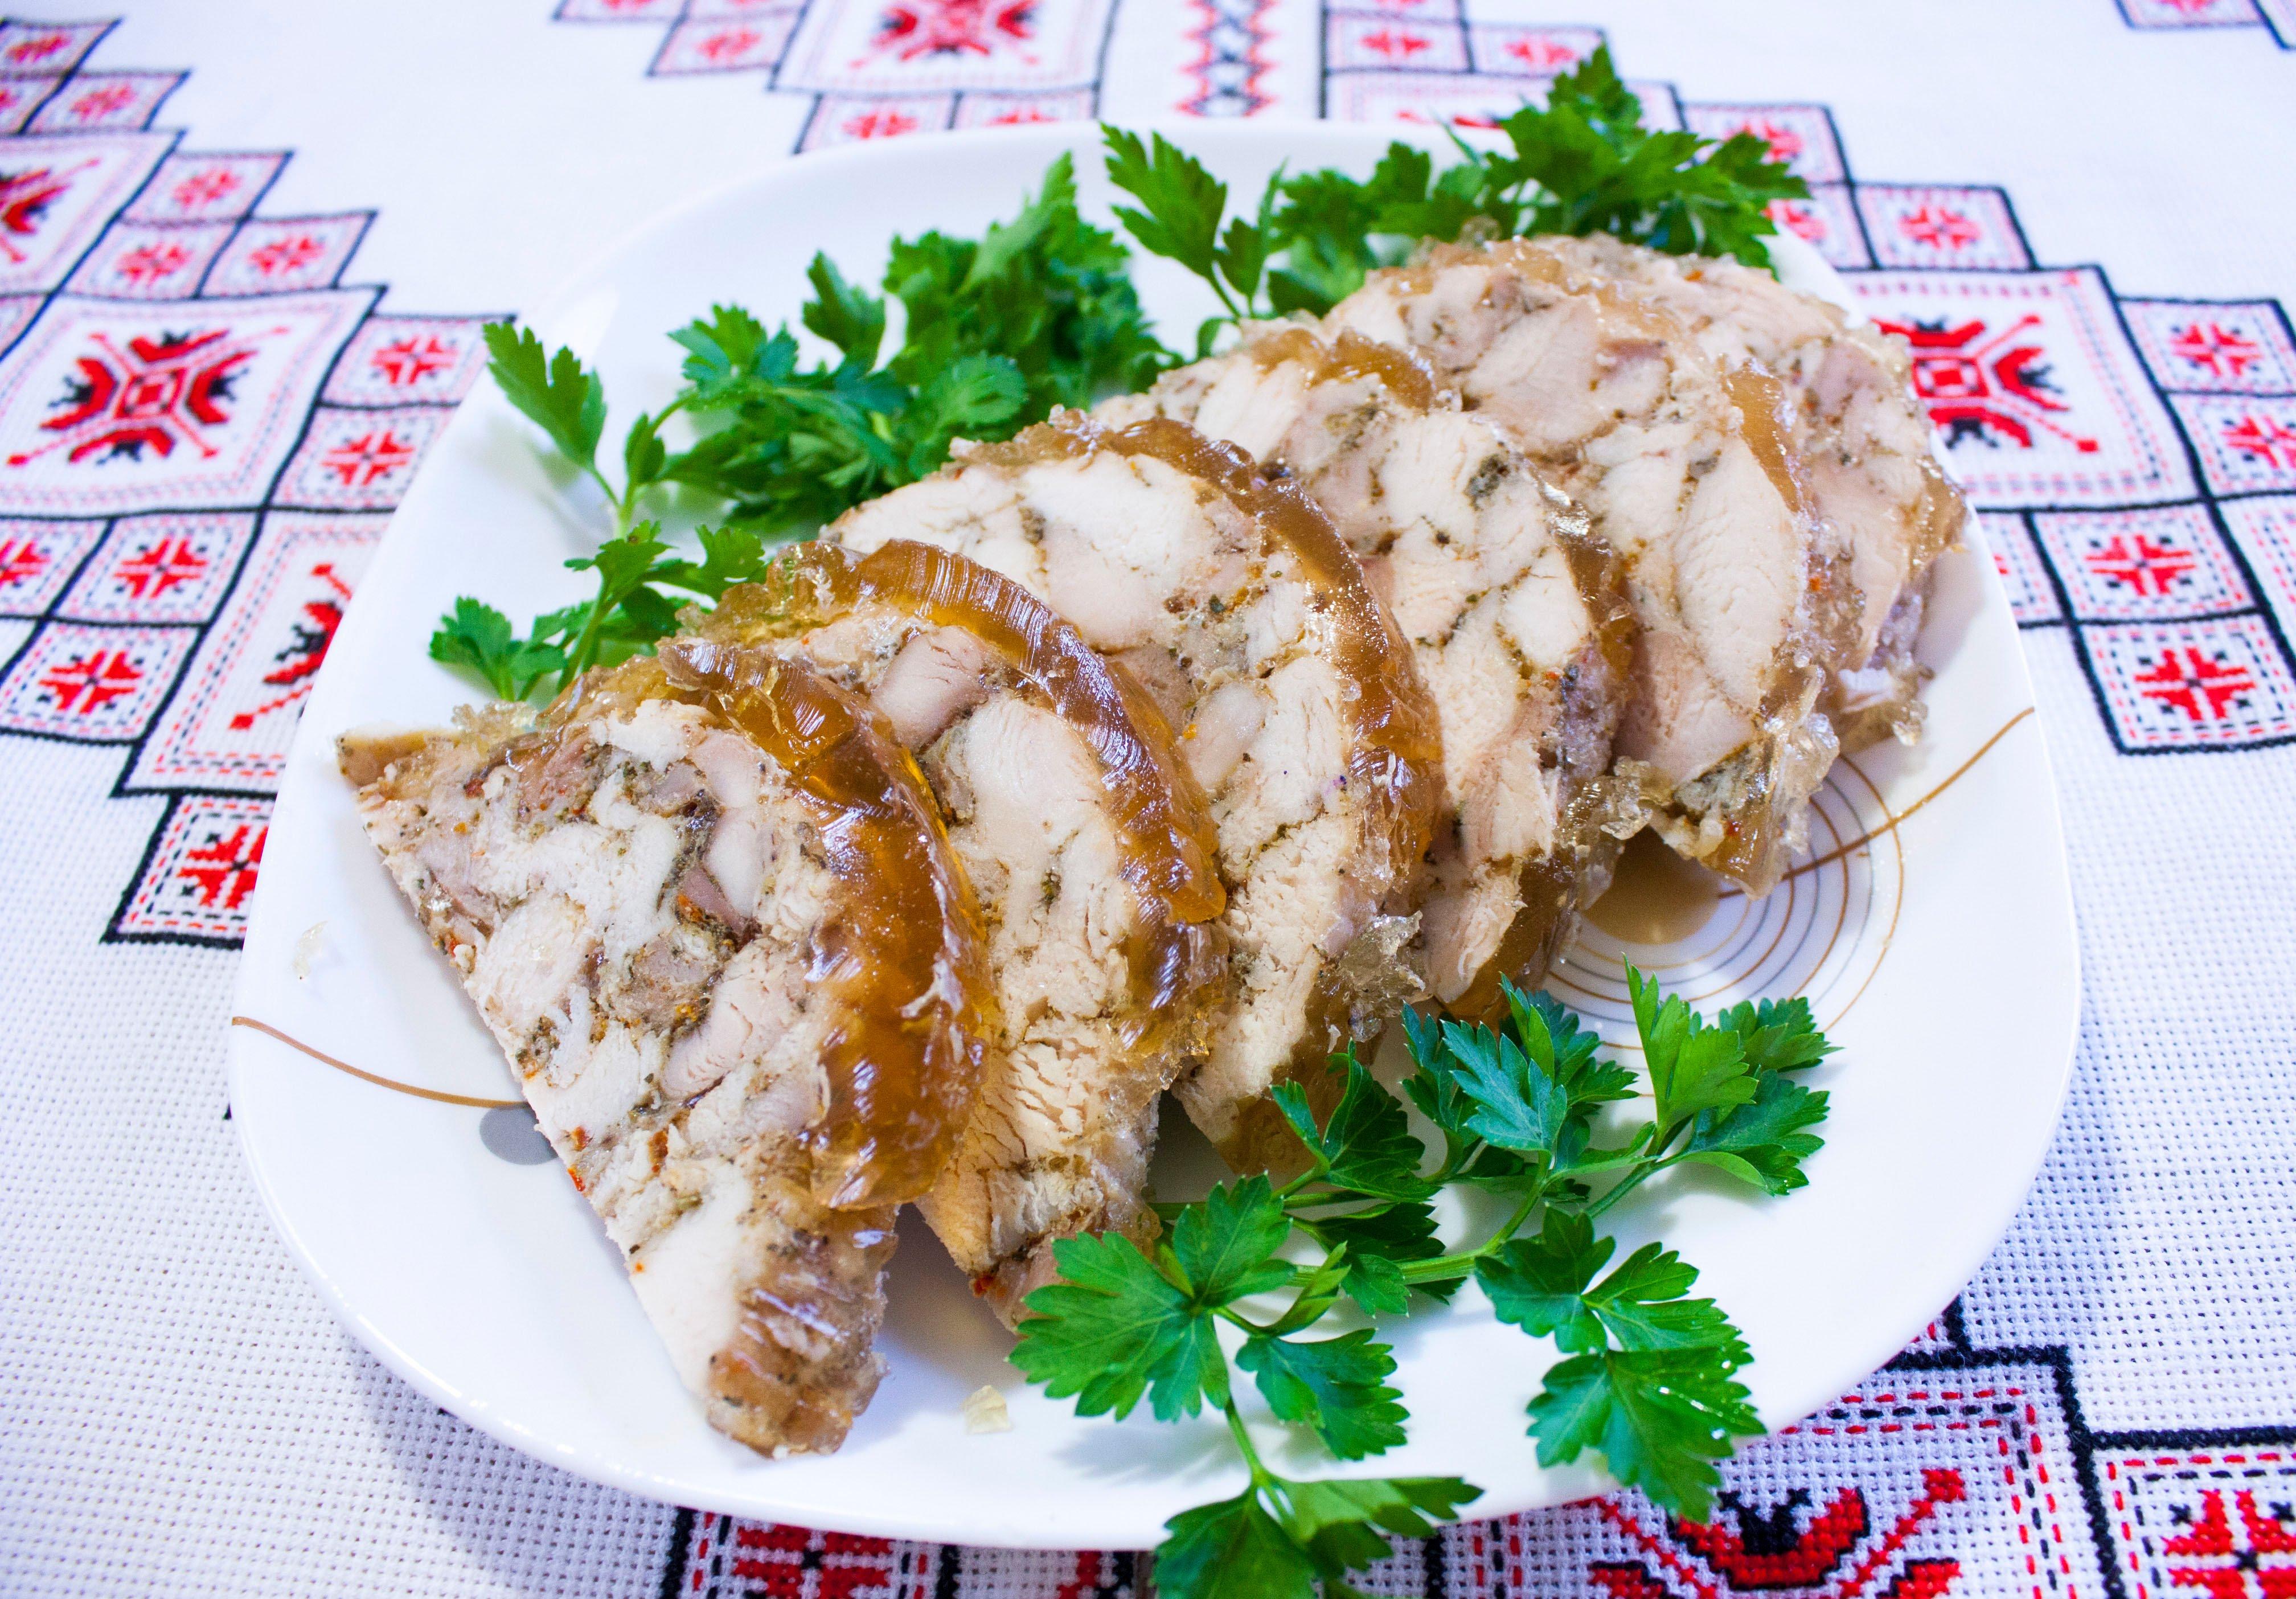 Ветчина из курицы и свинины в домашних условиях